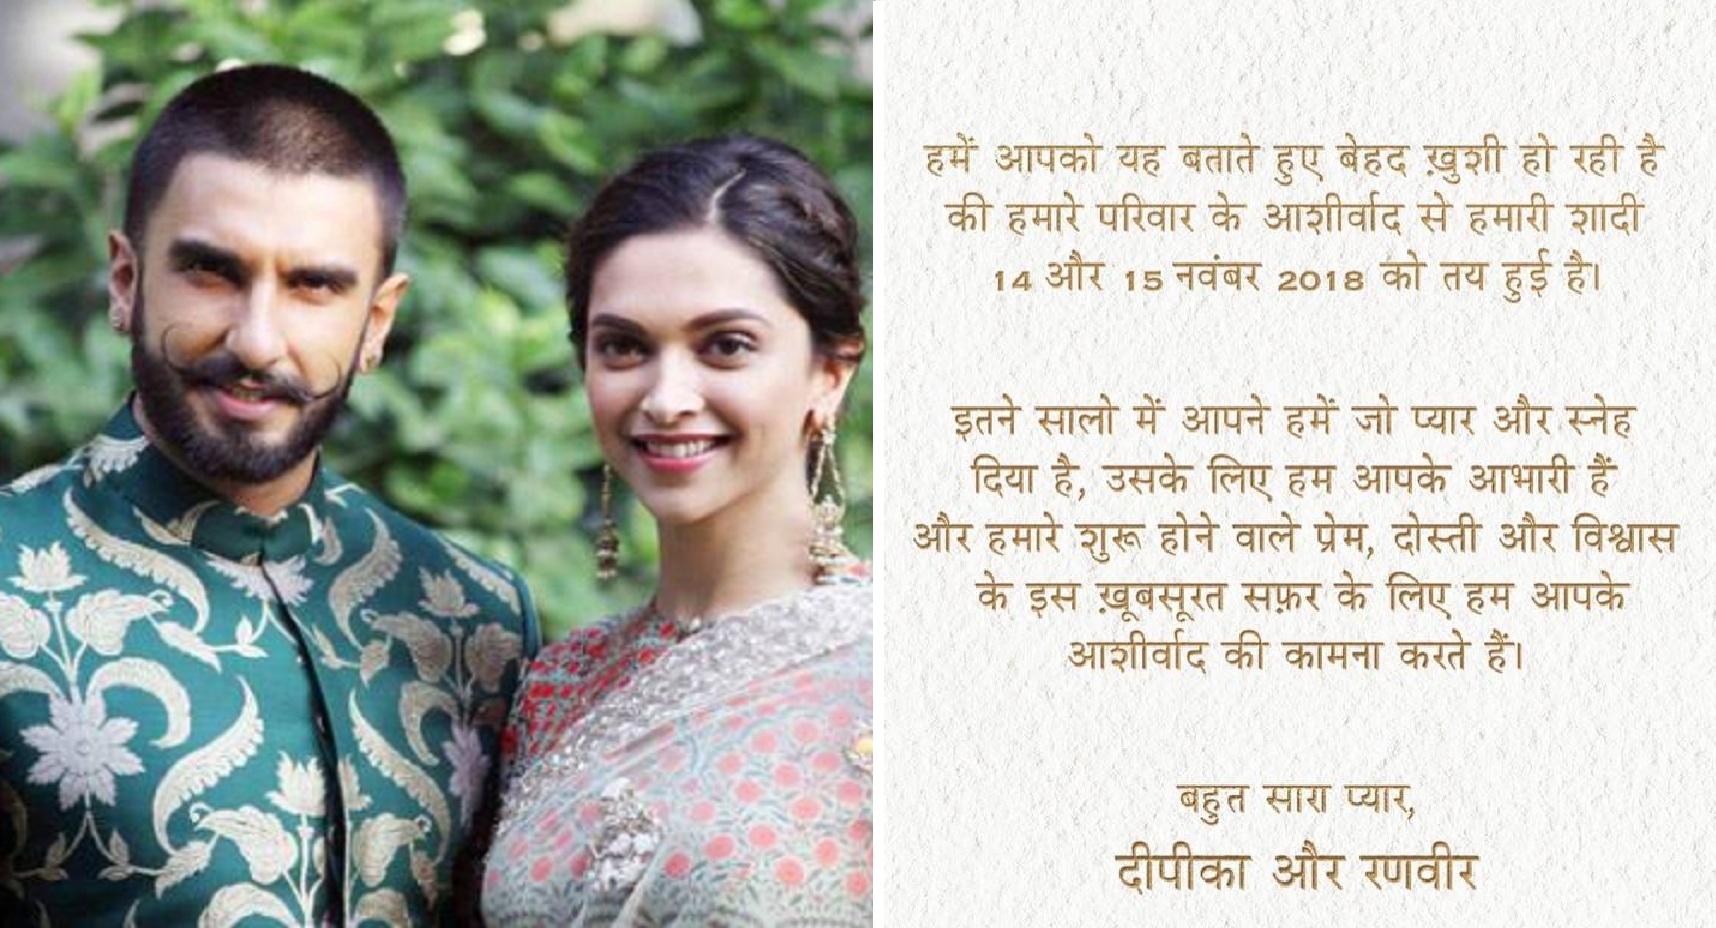 Confirmed Deepika Padukone And Ranveer Singh Are Getting Married In